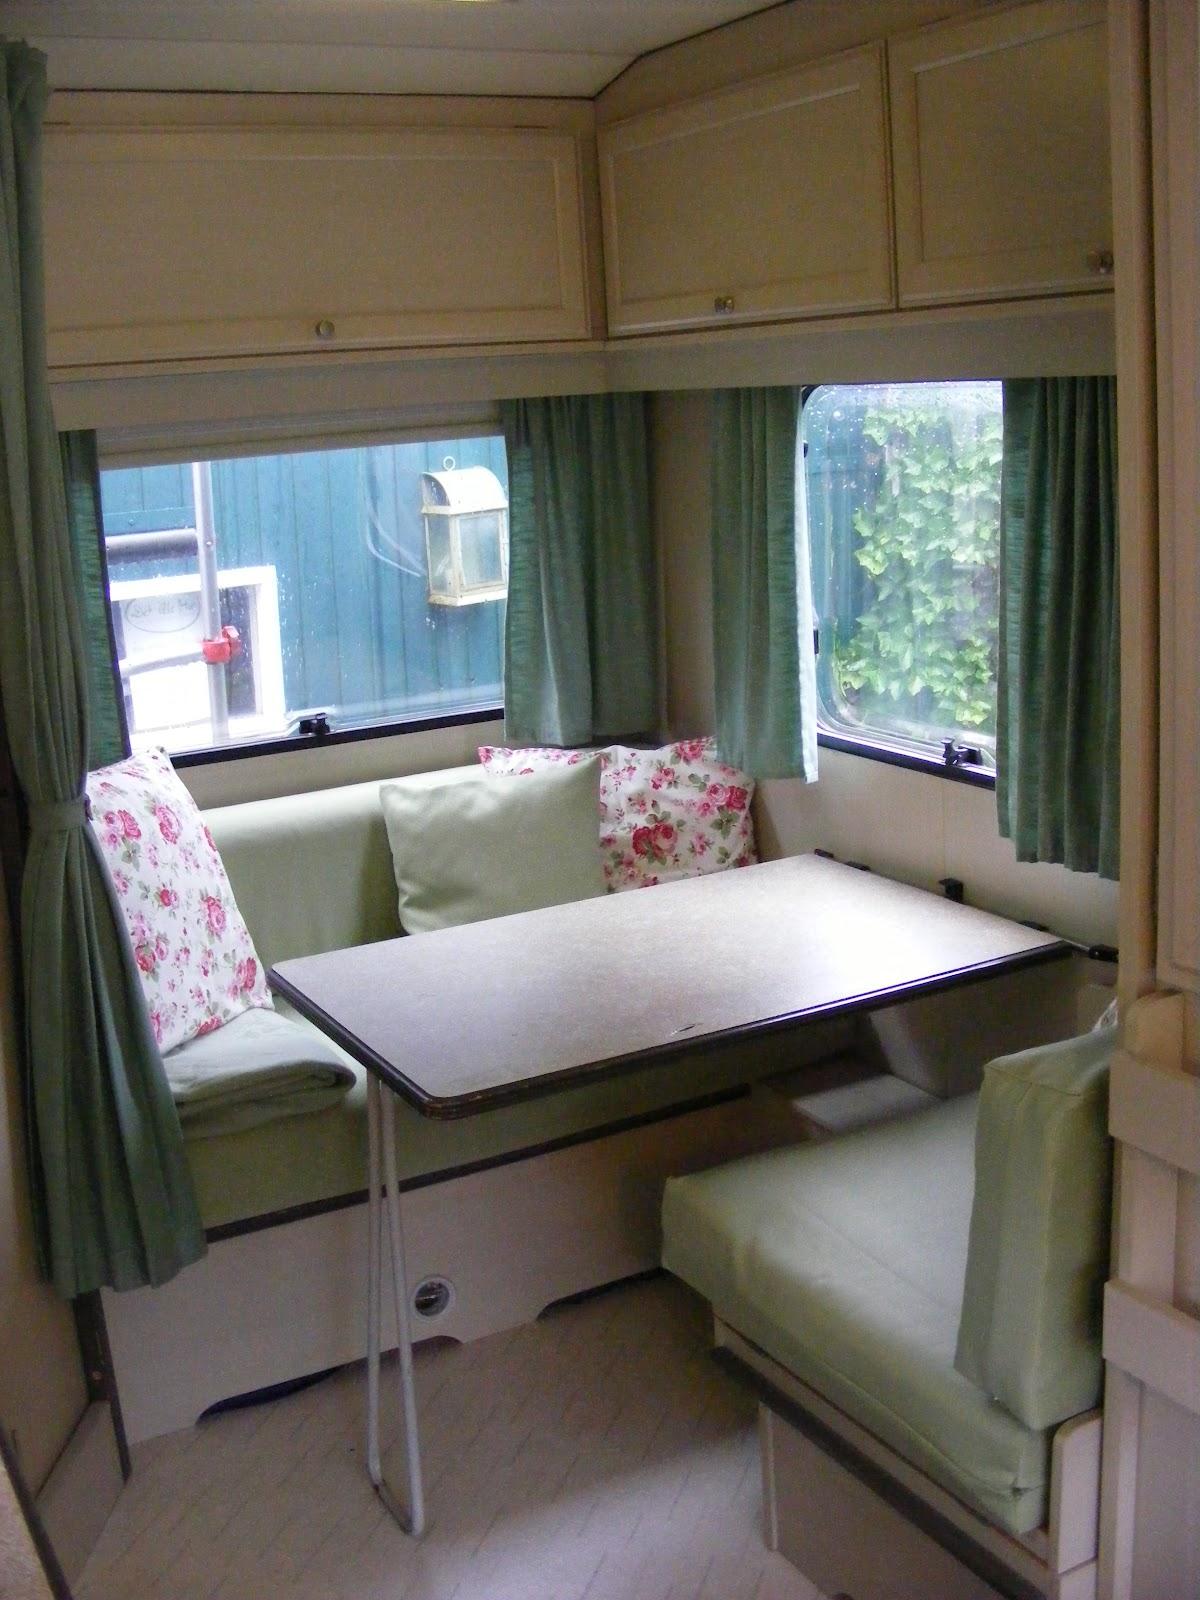 min hus wohnwagen. Black Bedroom Furniture Sets. Home Design Ideas